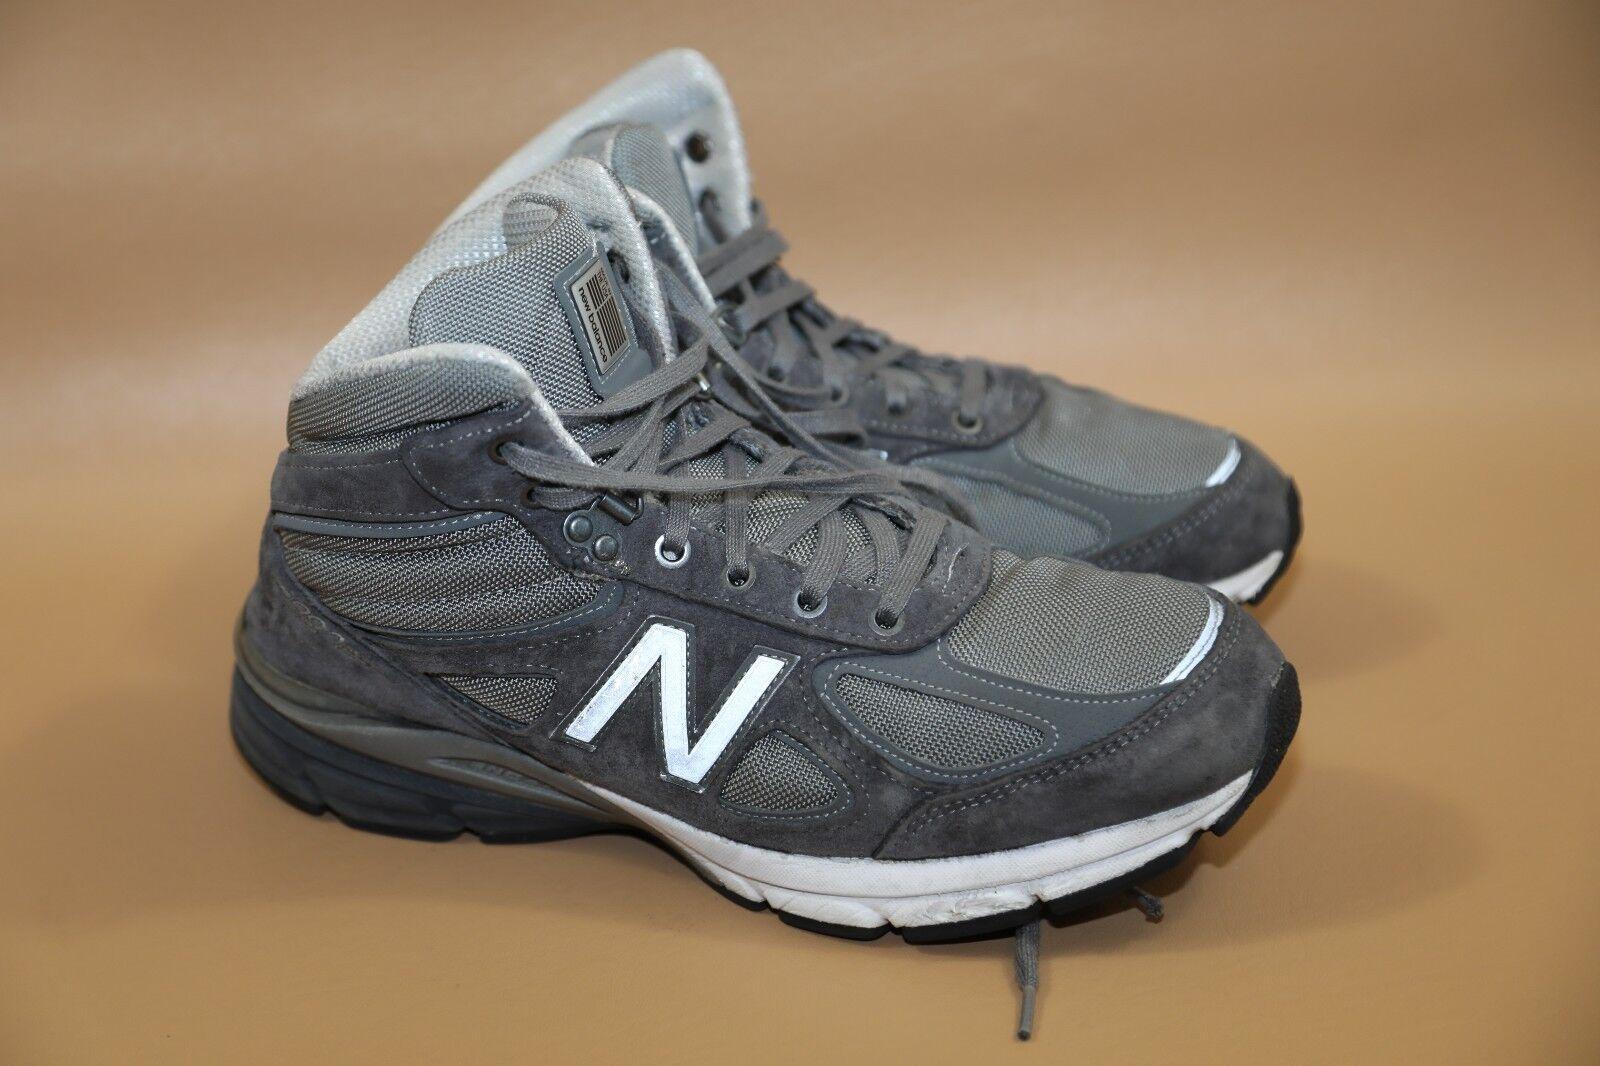 New Balance 990 V4 Mid 11 Men Sneakers Size 11 Mid b0cc7e